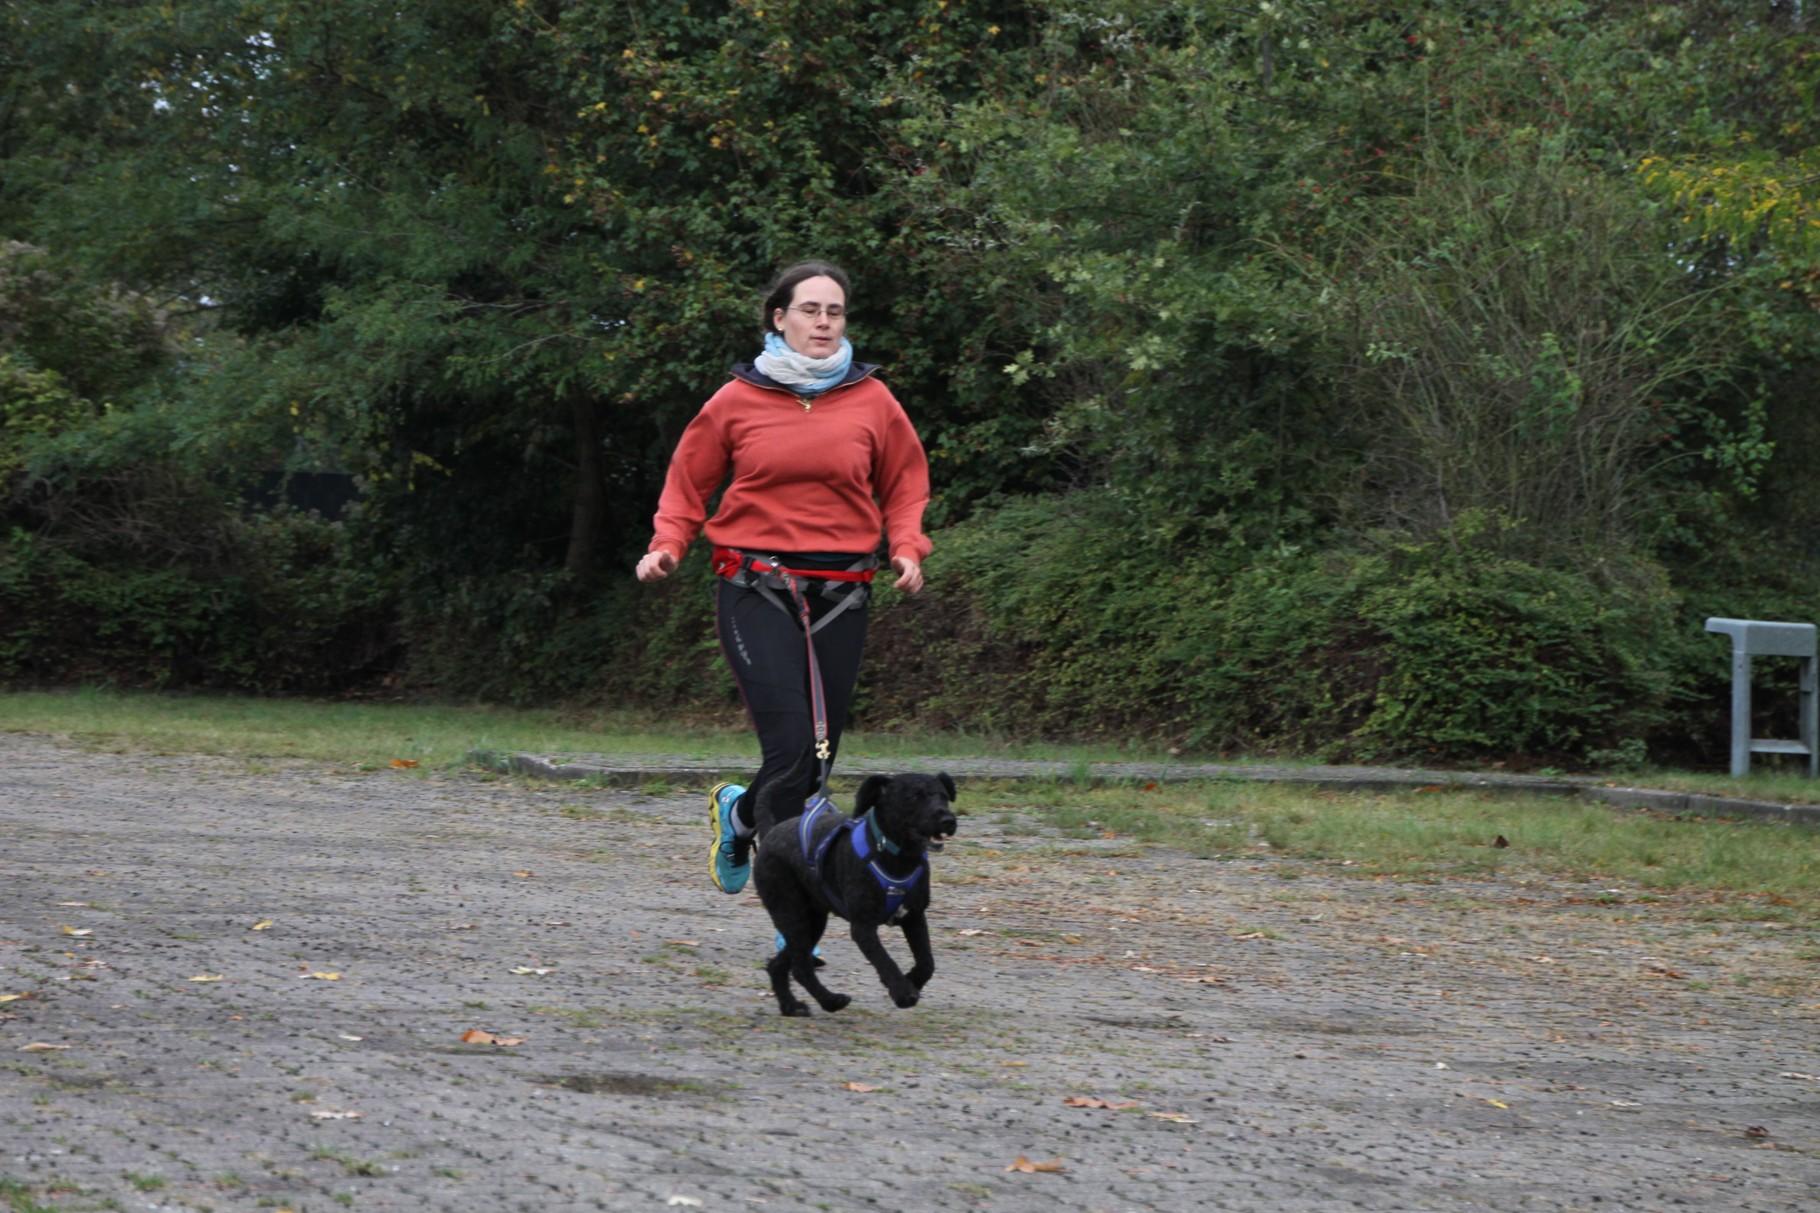 Rennvorbereitung - Kommandotraining zu Fuß